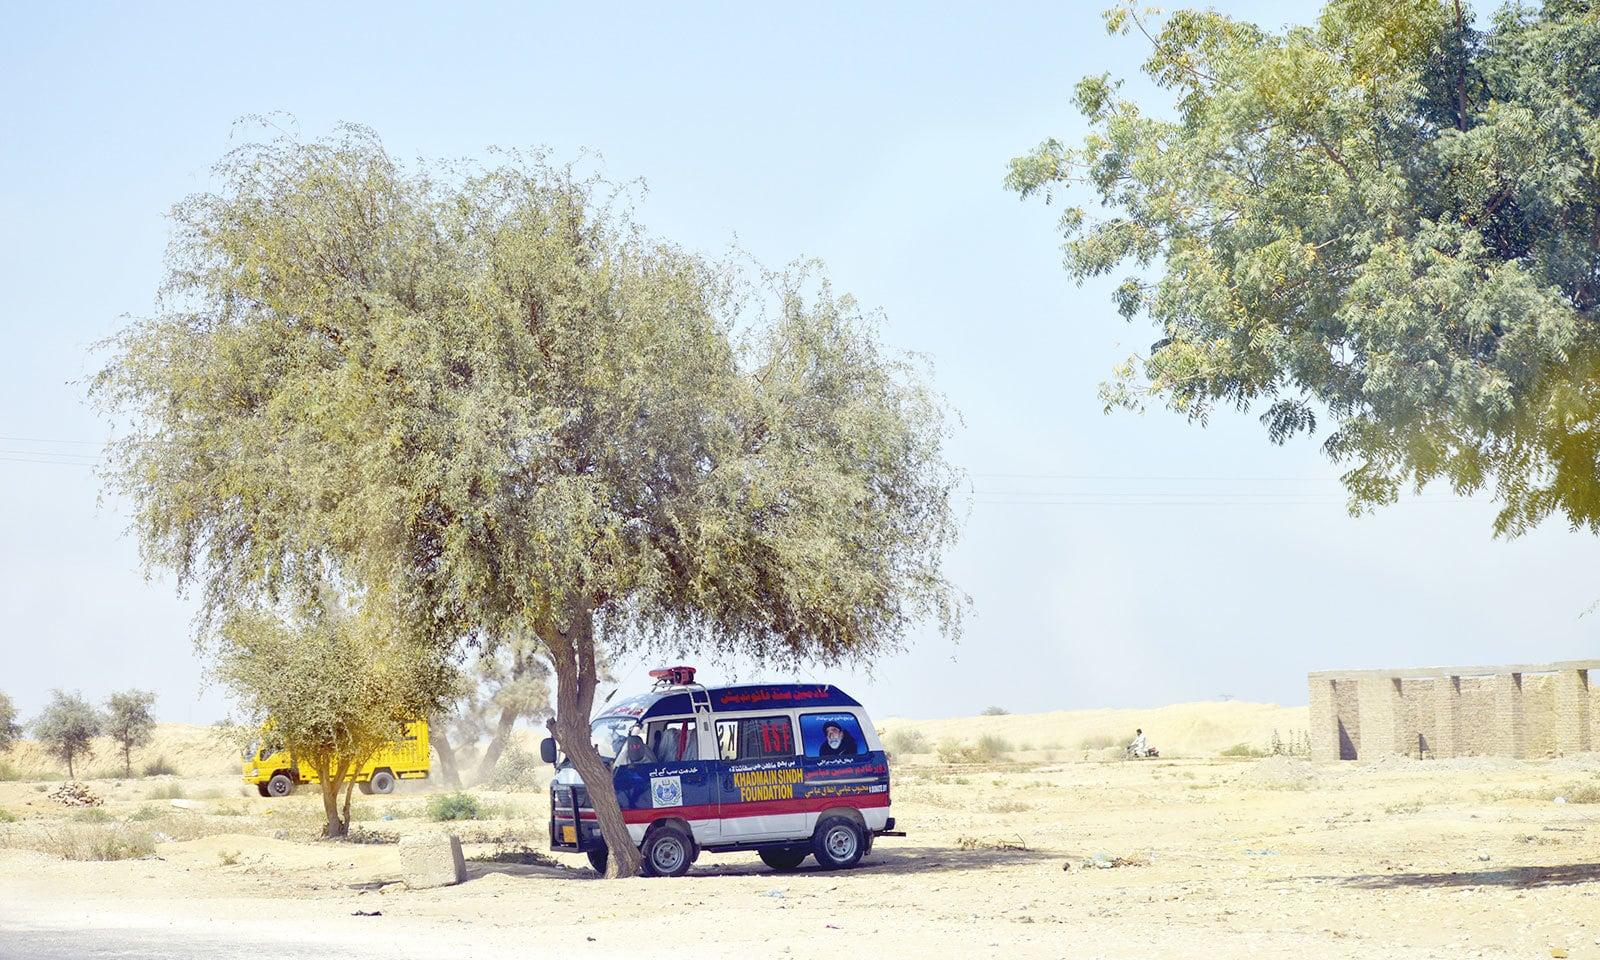 سندھ کی کئی شاہراہوں پر دور دور تک کوئی ایمرجنسی اور ریلیف سینٹر موجود نہیں—فوٹو: غازی حسین حیدری